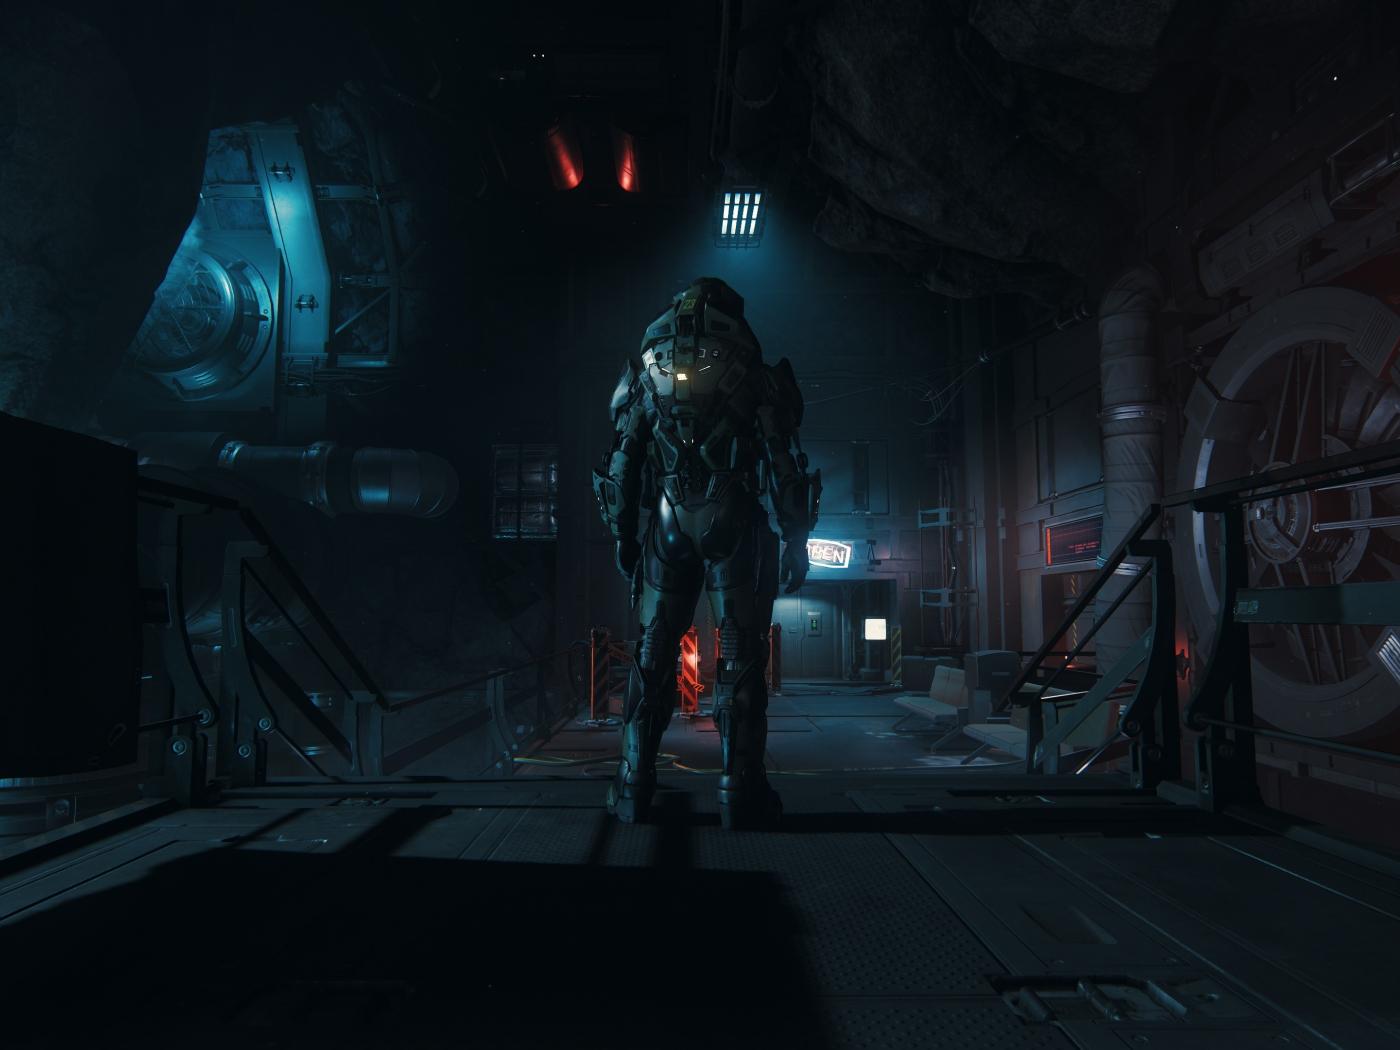 Soldier Dark Video Game Star Citizen Armored Suit 1400x1050 Wallpaper